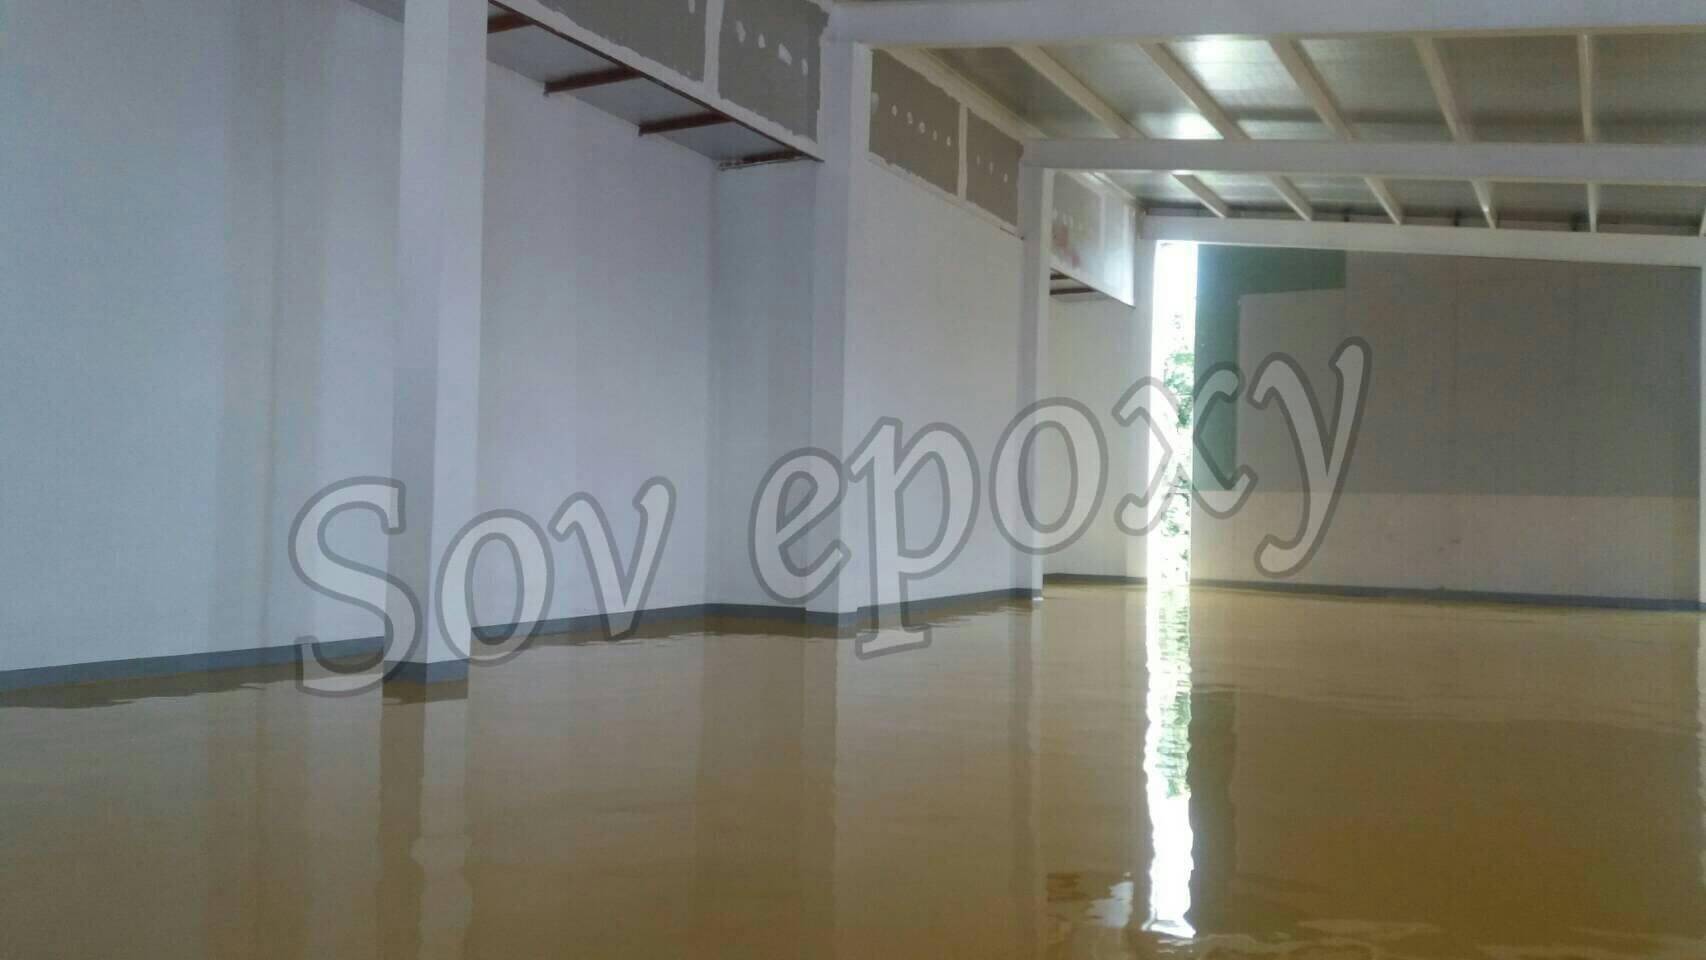 โครงการ โรงงานเก็บสินค้าอิเล็คทรอนิคส์ จ.ลพบุรี 2